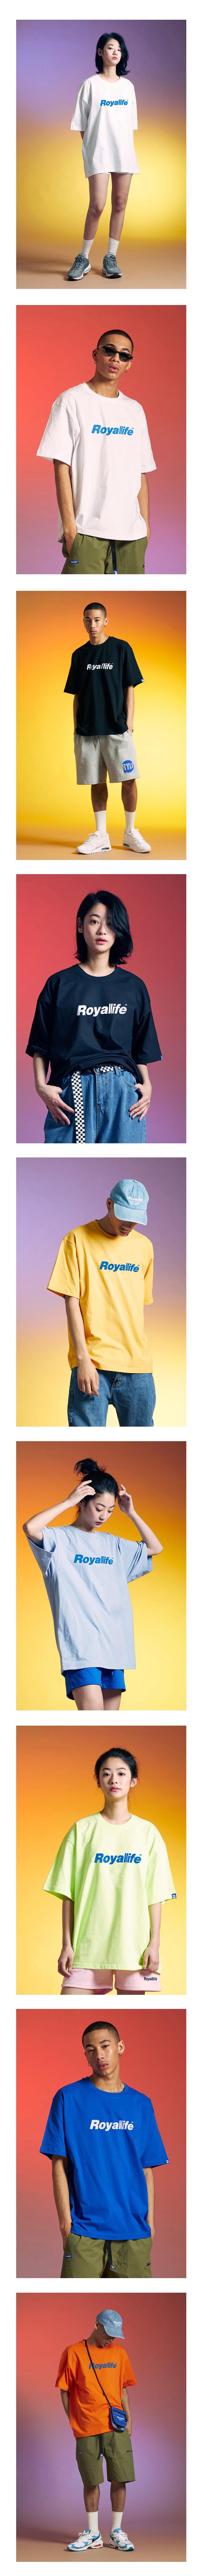 로얄라이프(ROYALLIFE) RL001 오리지널 로고 반팔티 블랙